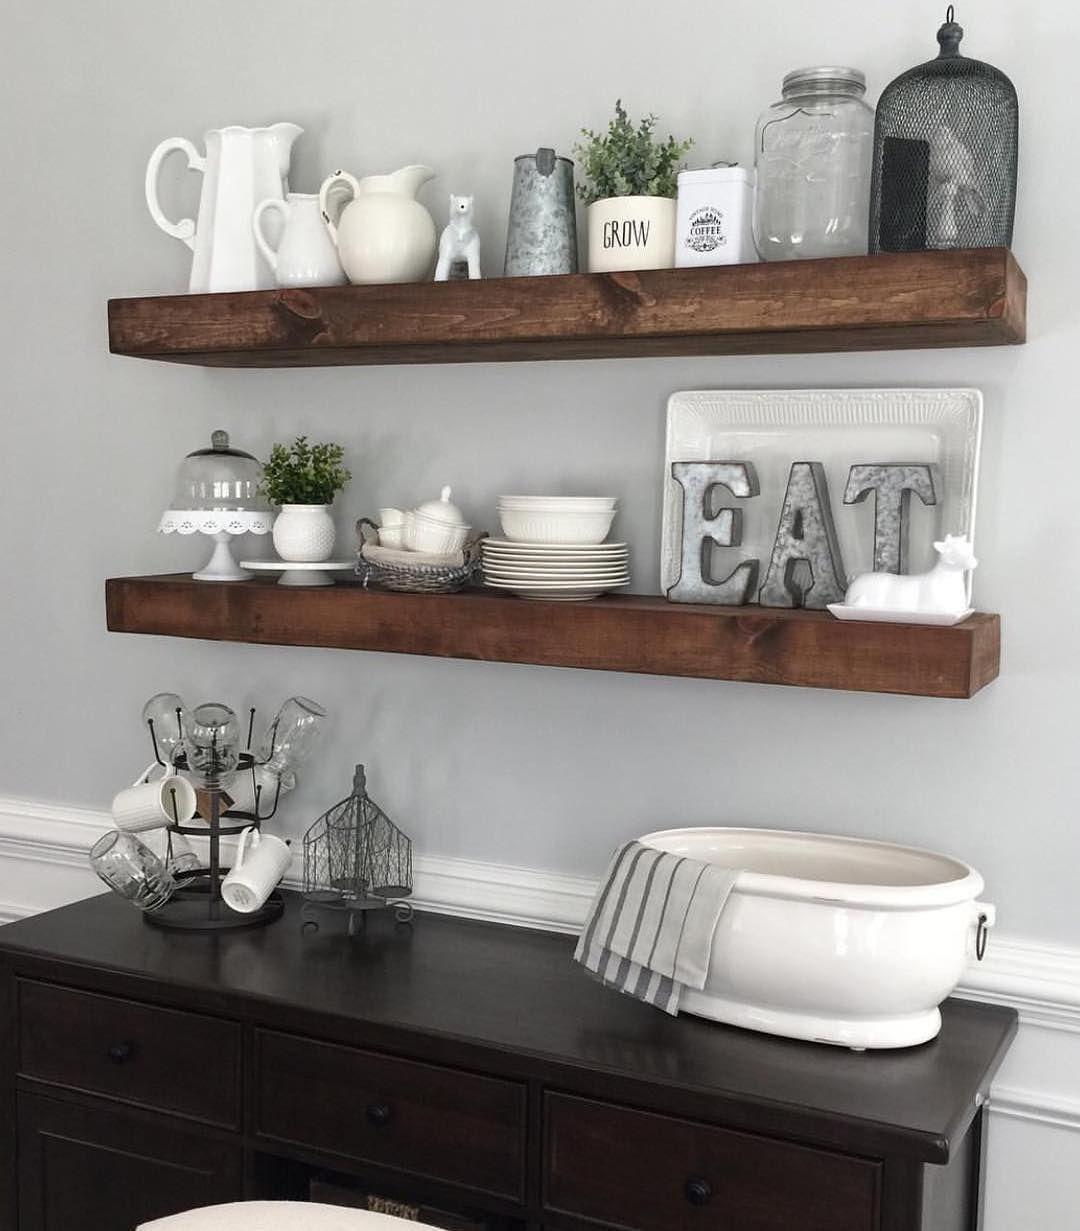 Unbelievable Cool Tips Floating Shelves Decoration Awesome Black Floating Shelf Tv Stands Flo Paredes Da Sala De Jantar Remodelacao Da Cozinha Decorar Cozinha